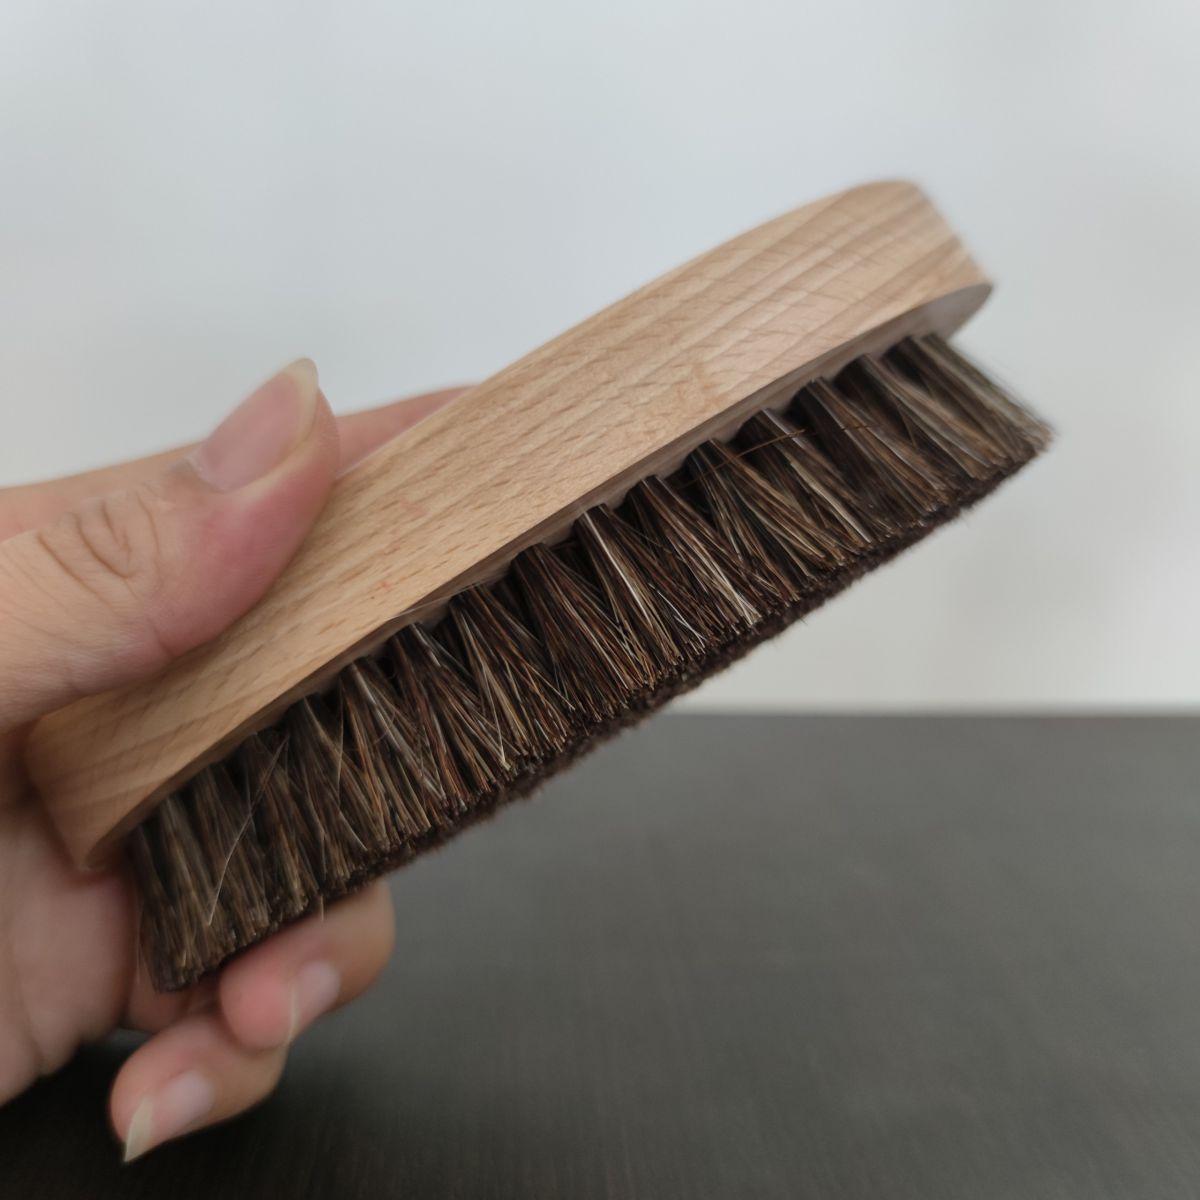 bàn chải lông nghựa đánh giày tây saphir